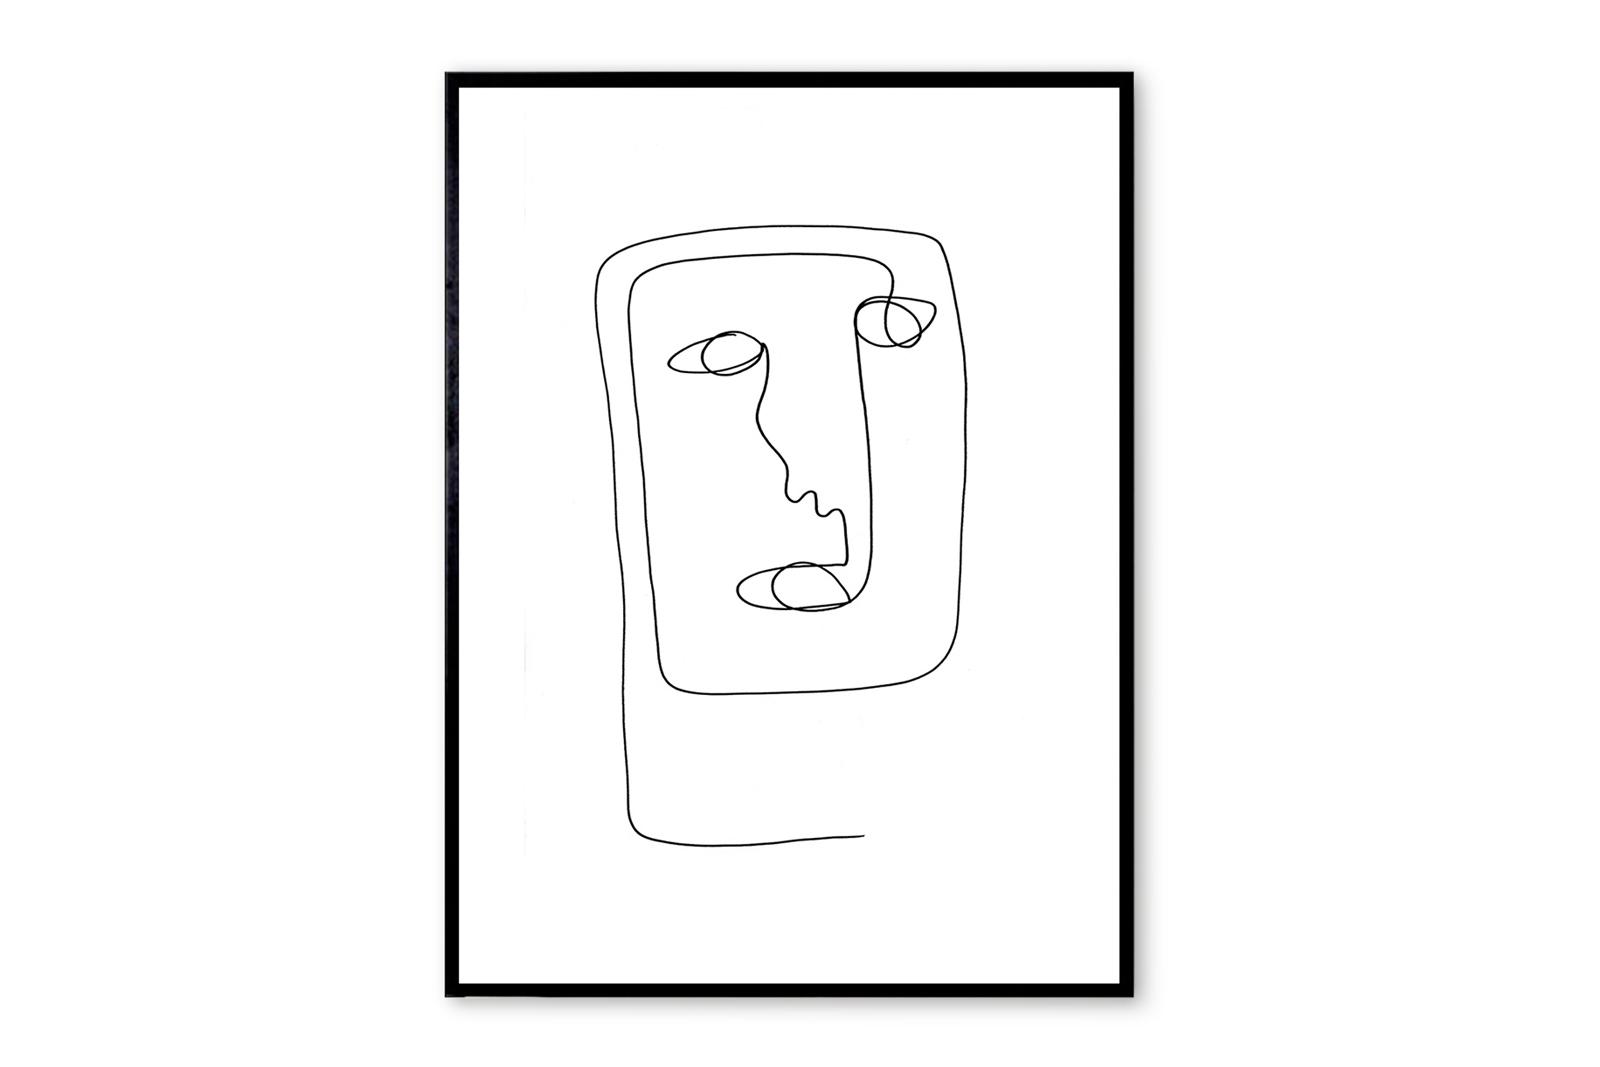 THE POSTER CLUB × Nicoline A. Milton ポスター/アートプリント 50×70cm Alirio【イラスト インテリア 北欧雑貨 おしゃれ 壁掛け 絵画 パネル モダン モノクロ モノトーン デンマーク コペンハーゲン】